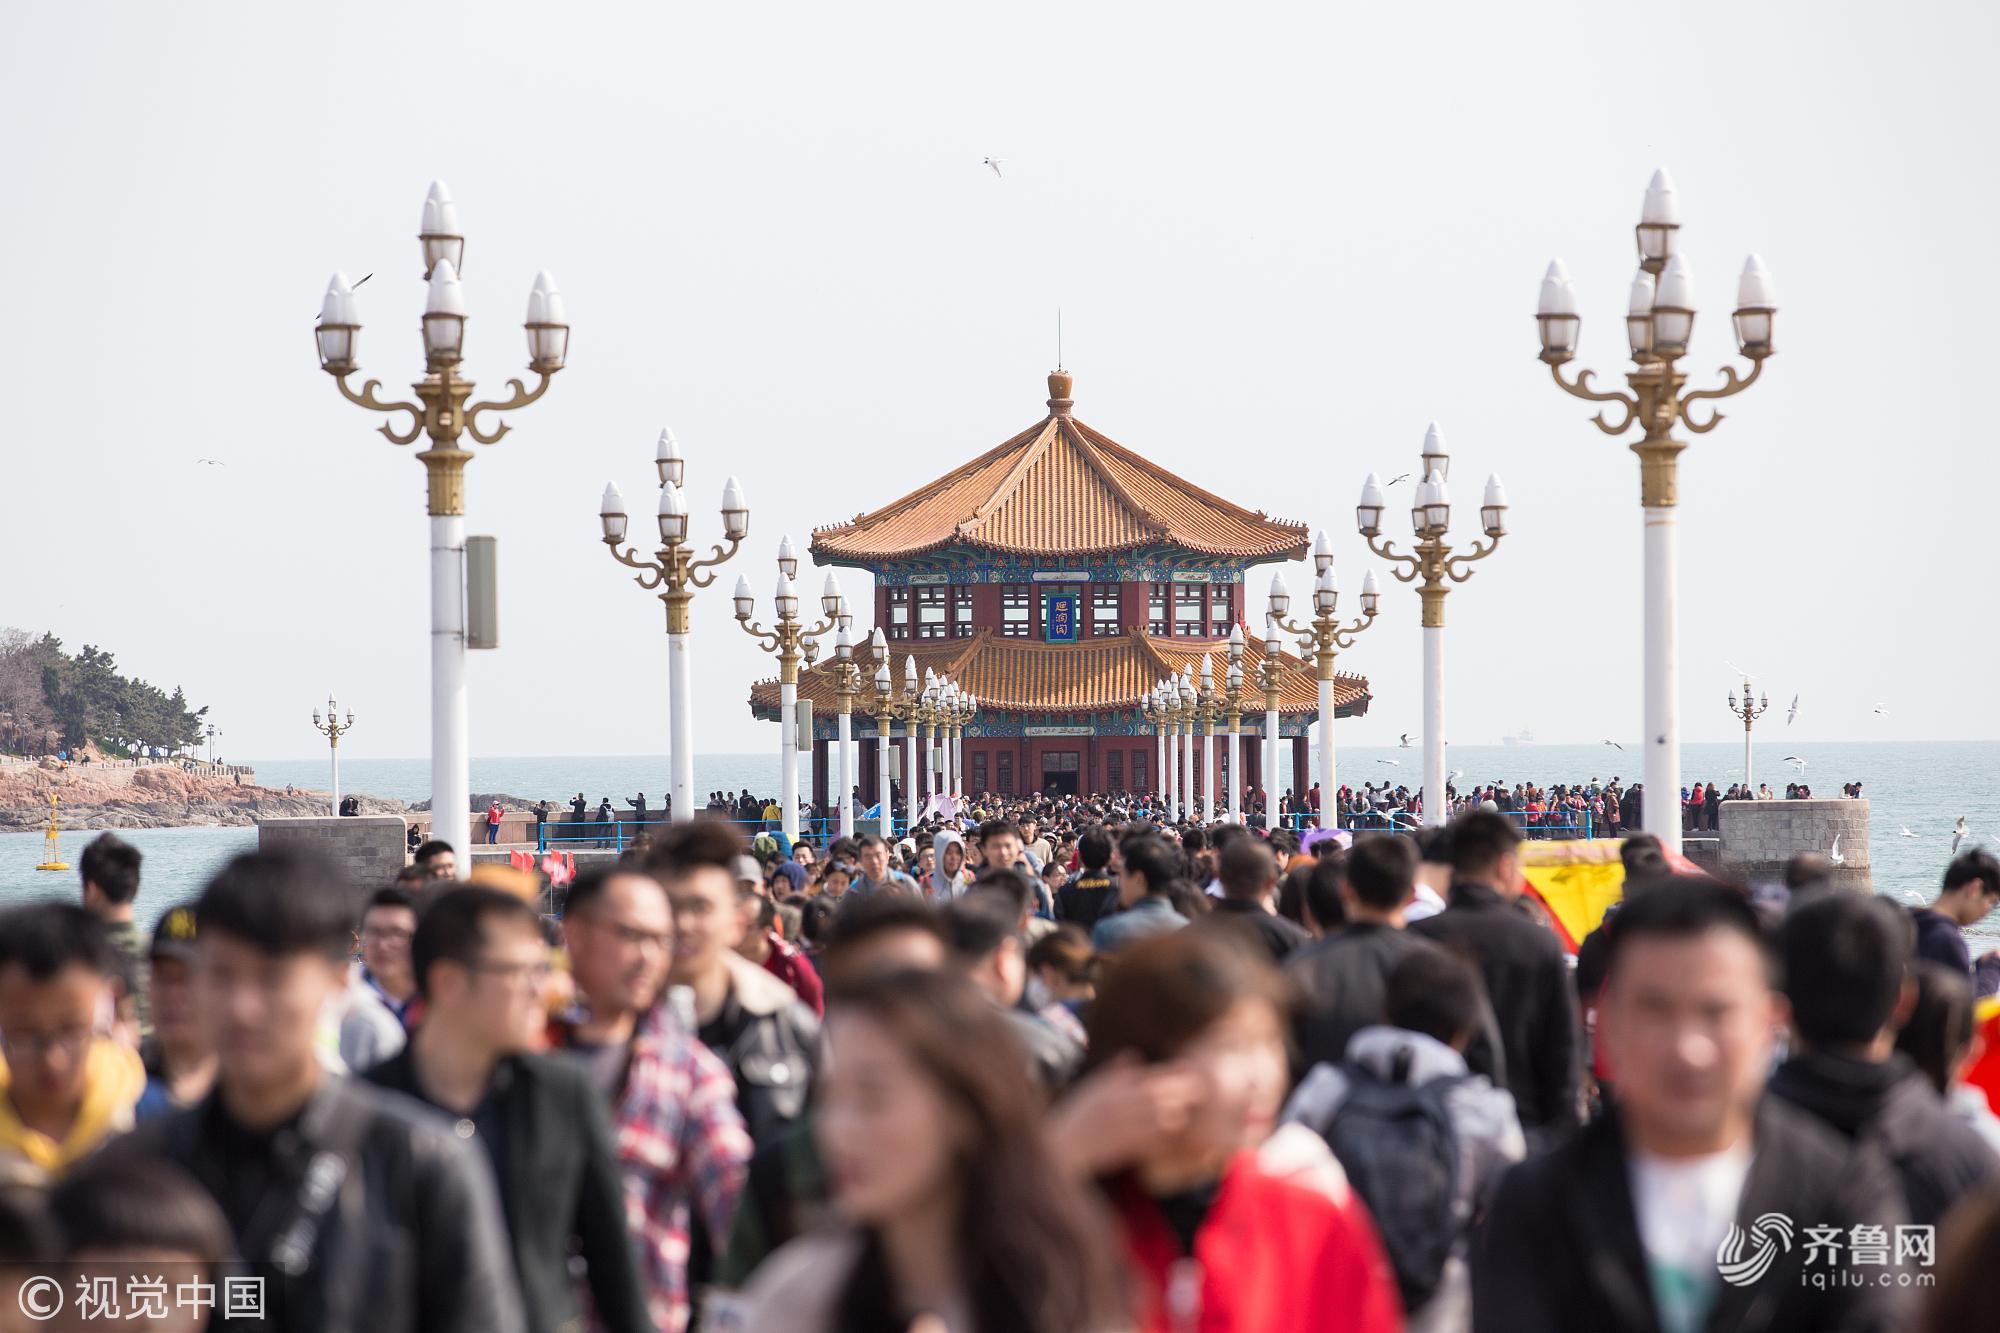 清明节小长假最后一天 青岛栈桥游人如织休闲赶海